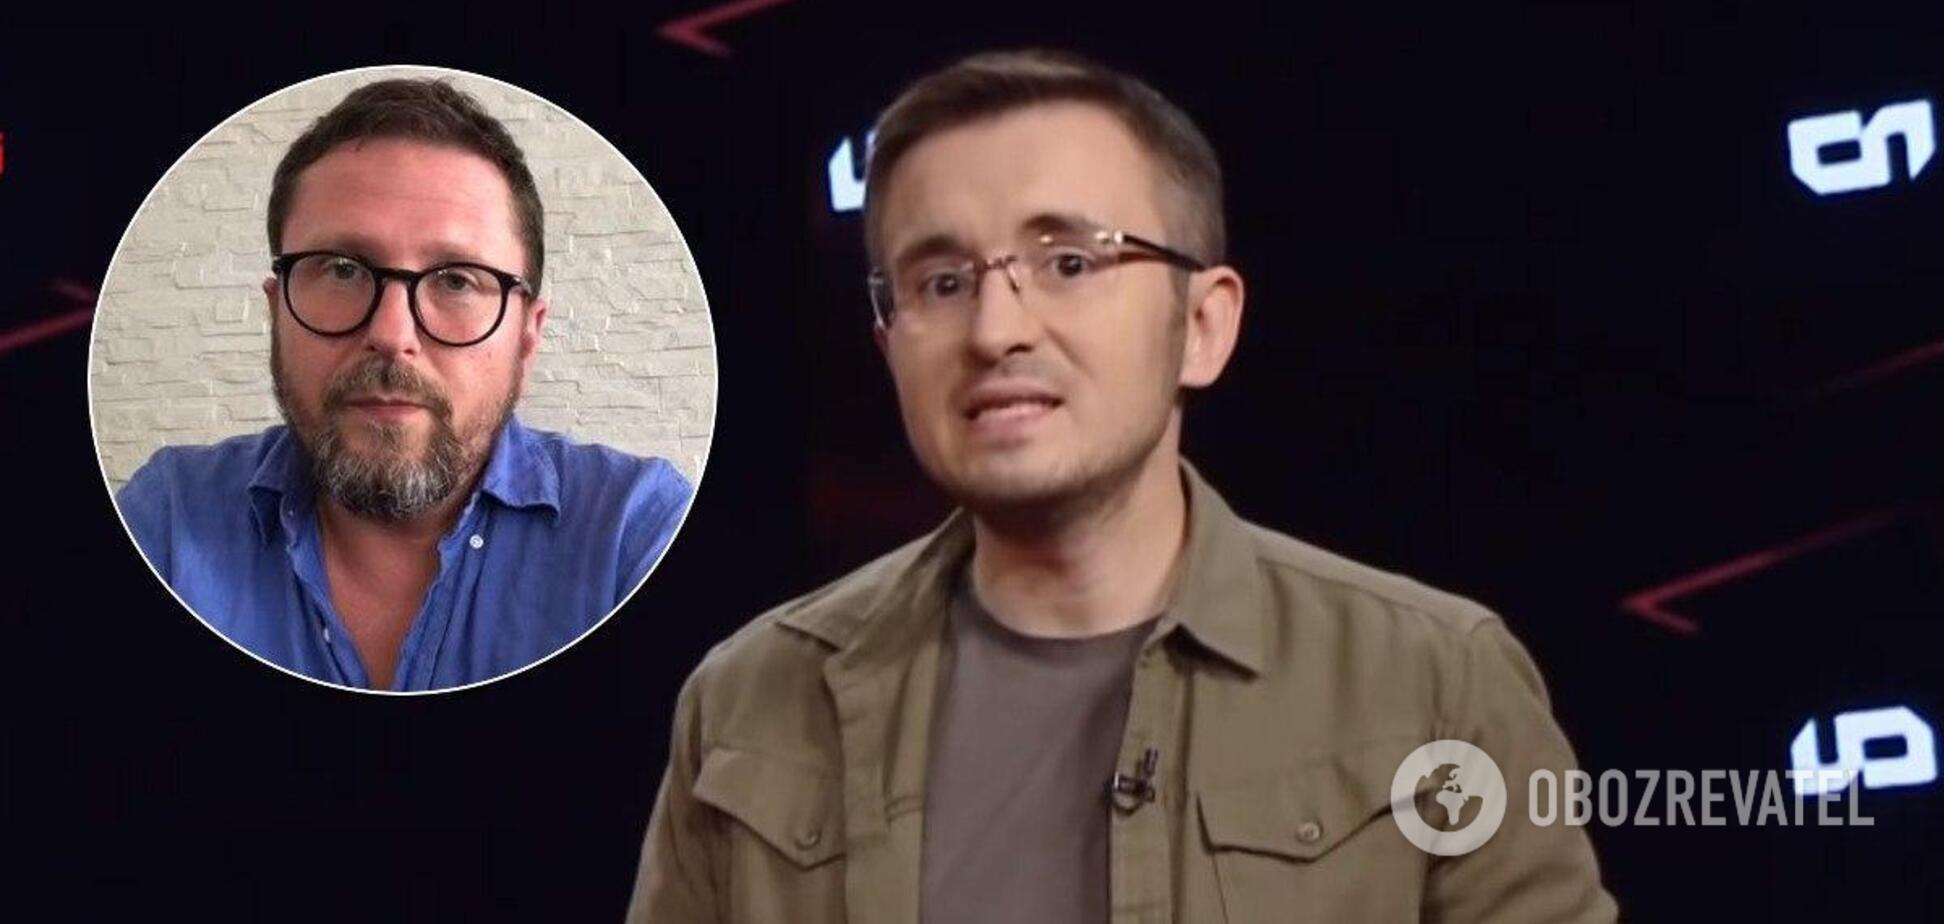 Анатолій Шарій і Денис Бігус